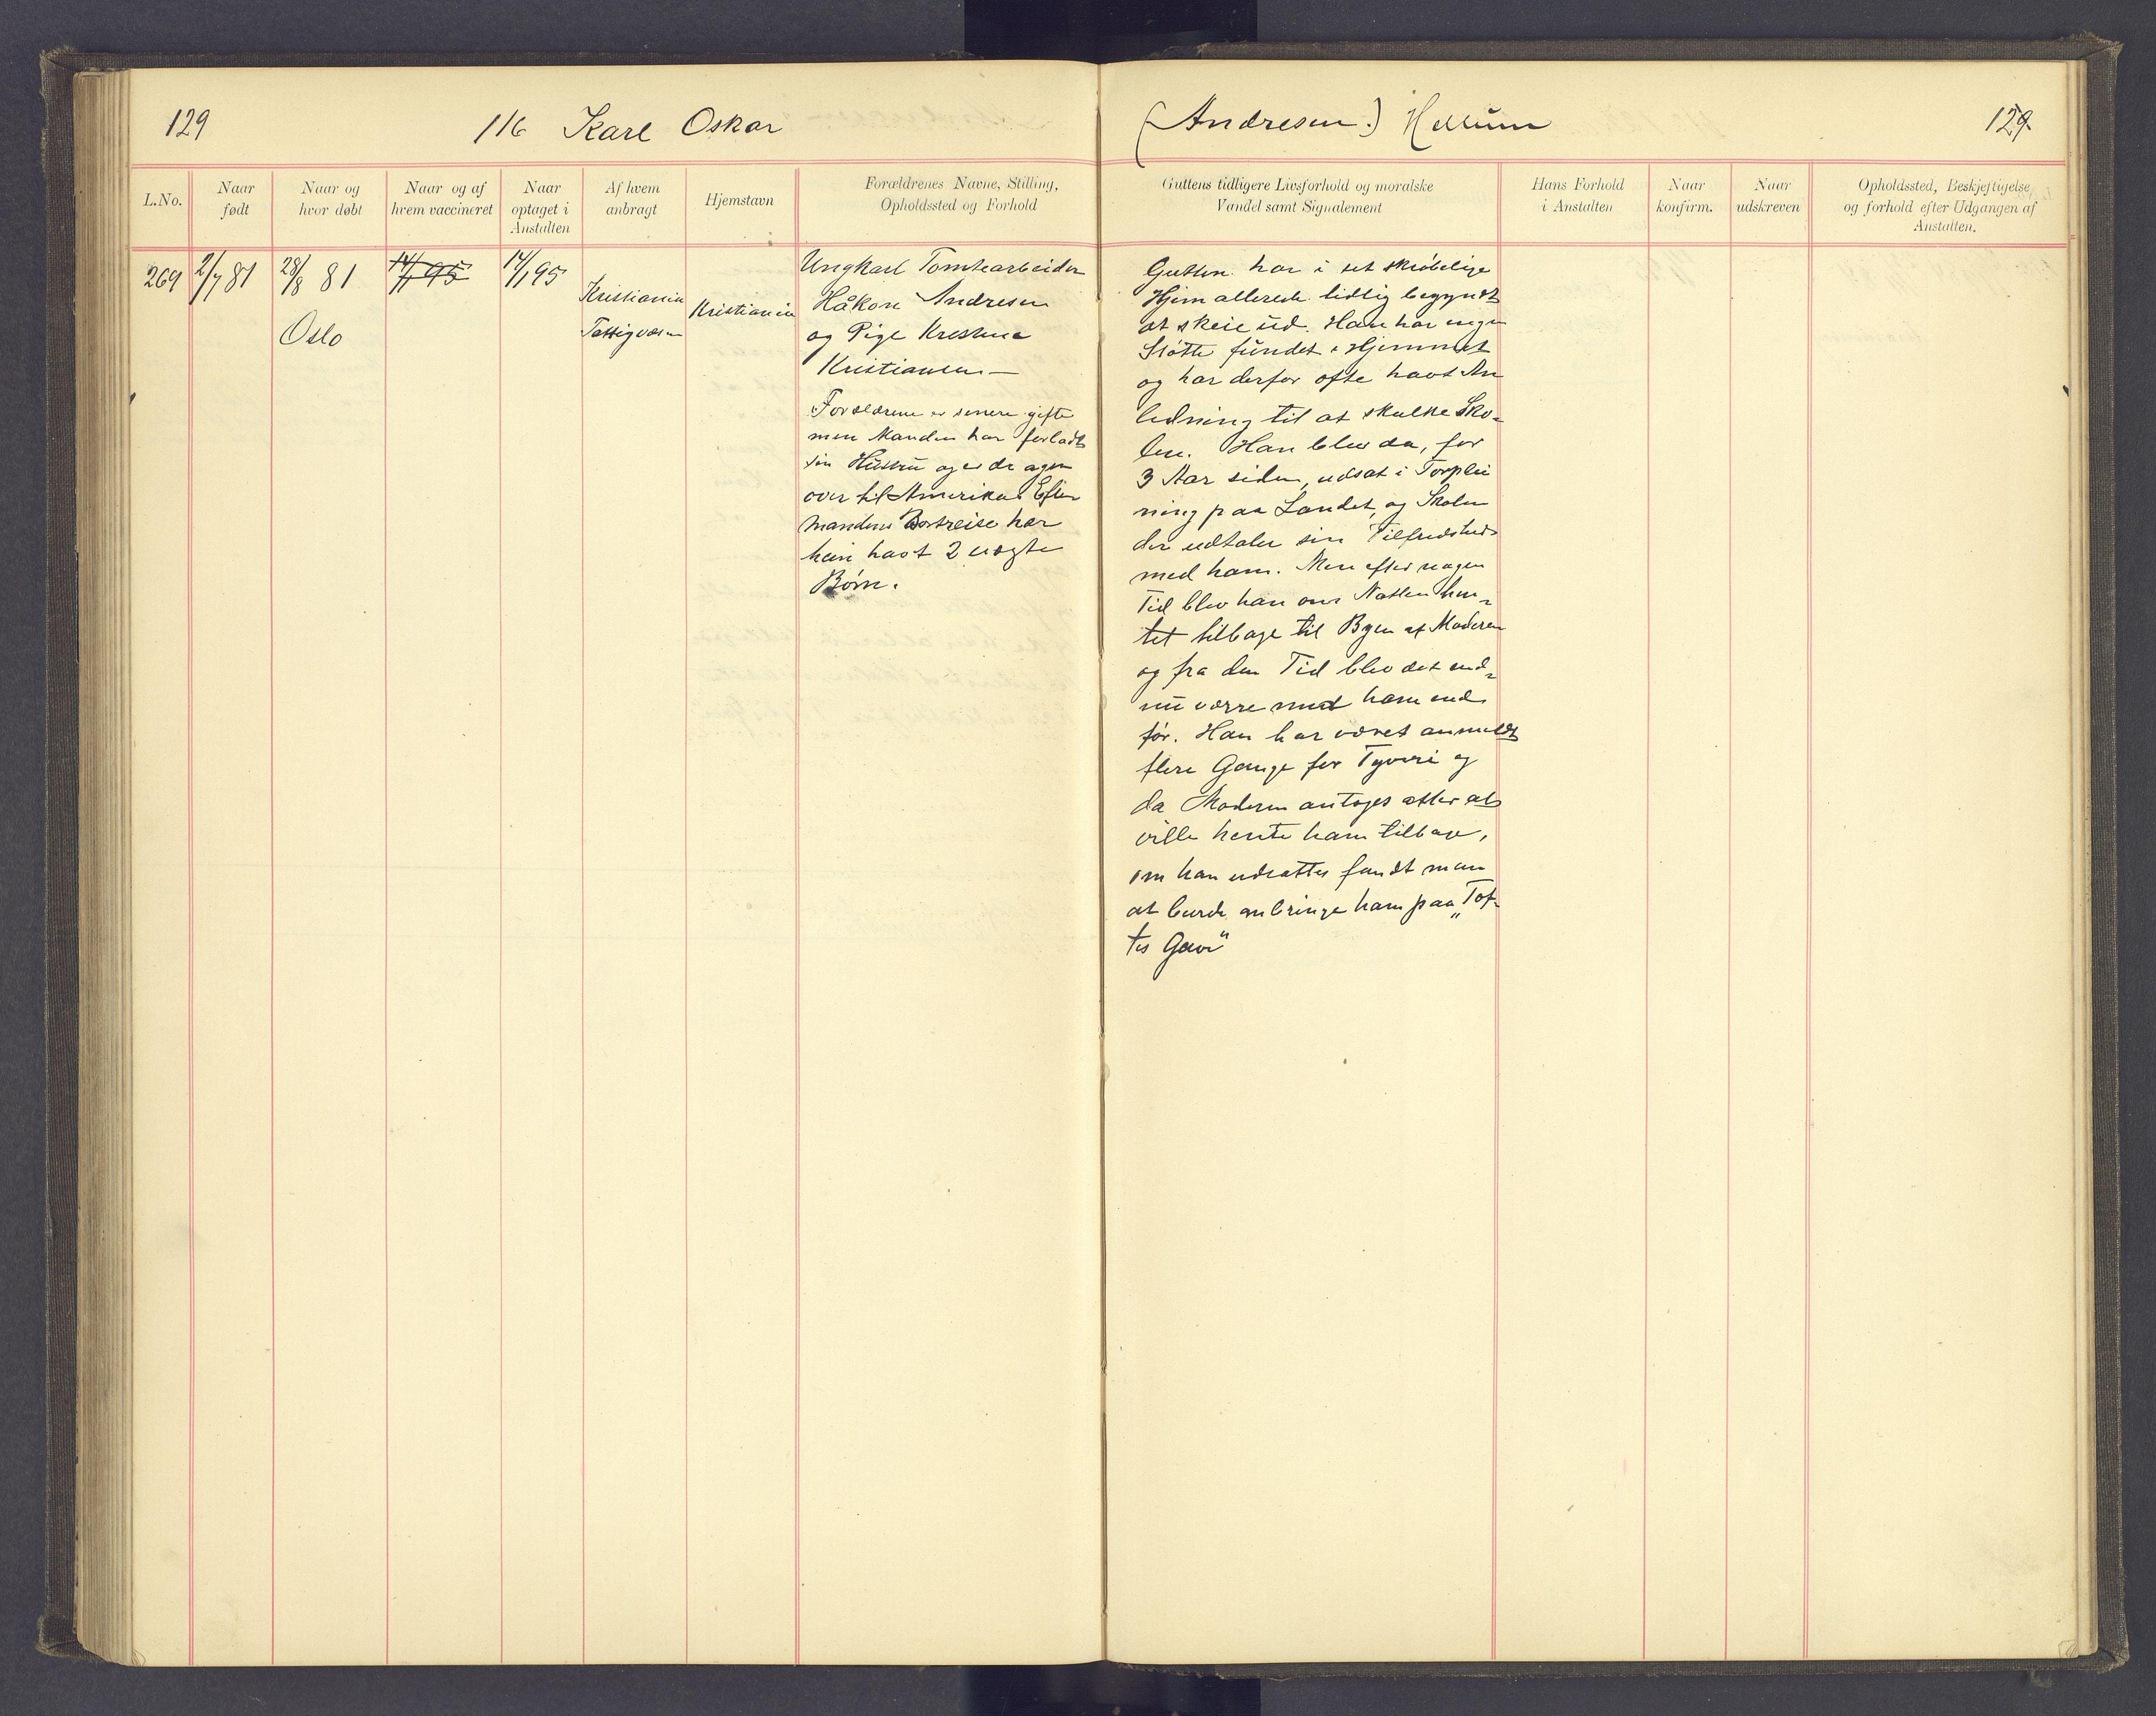 SAH, Toftes Gave, F/Fc/L0004: Elevprotokoll, 1885-1897, s. 129